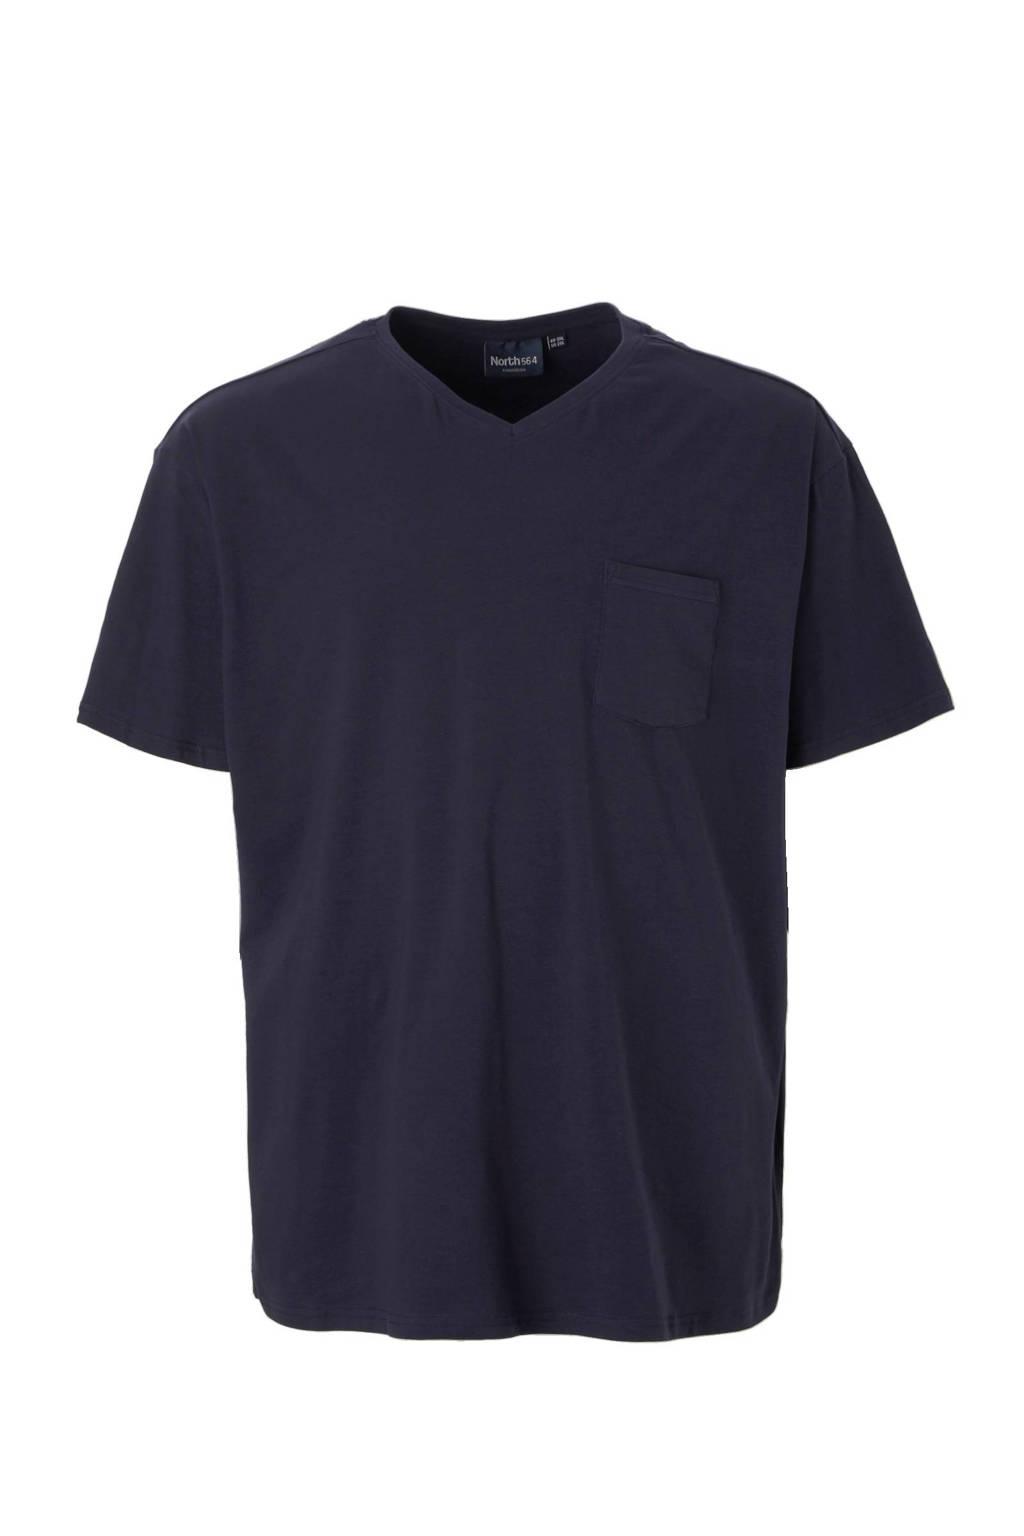 North 56°4 +size T-shirt, Marineblauw